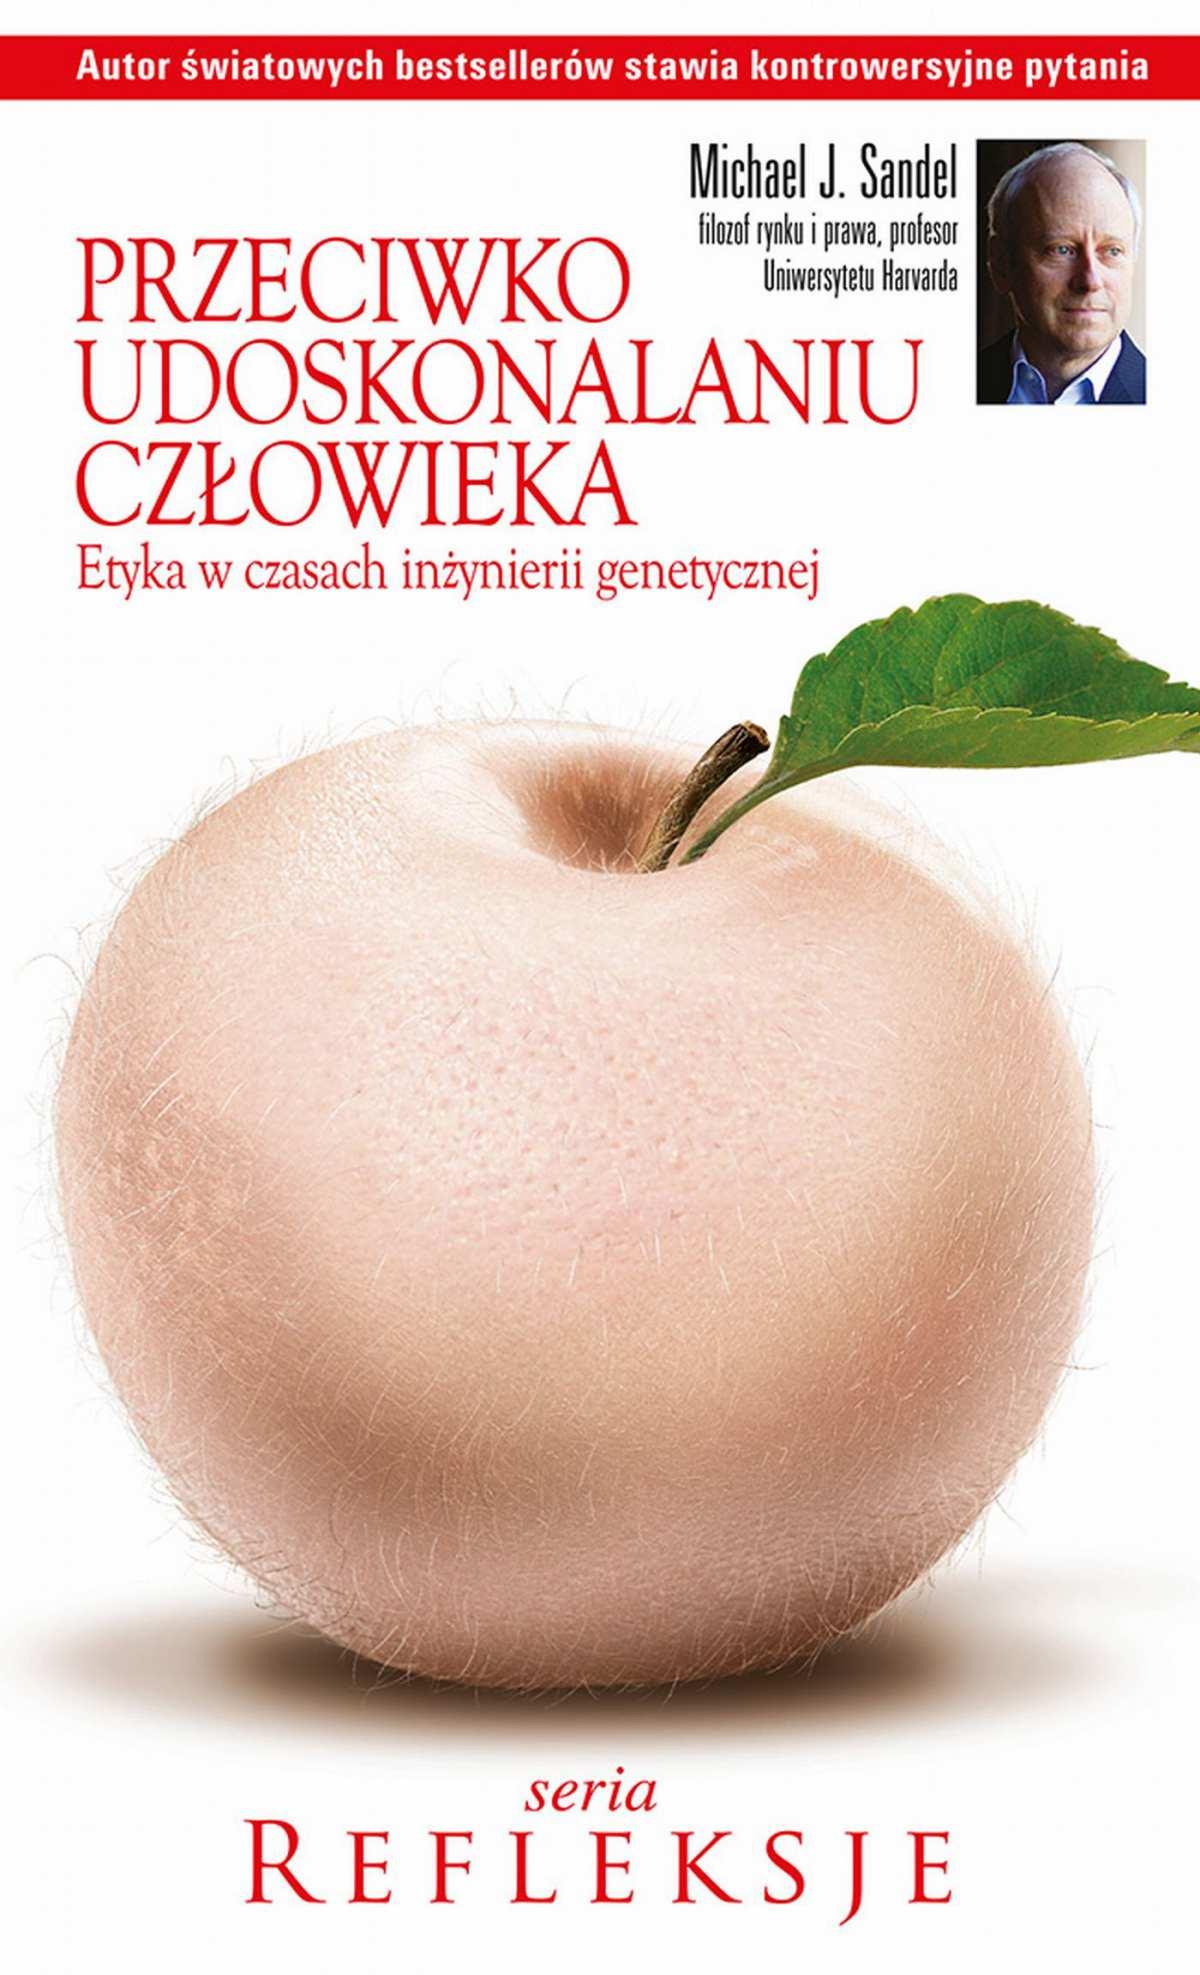 Przeciwko udoskonalaniu człowieka - Ebook (Książka PDF) do pobrania w formacie PDF